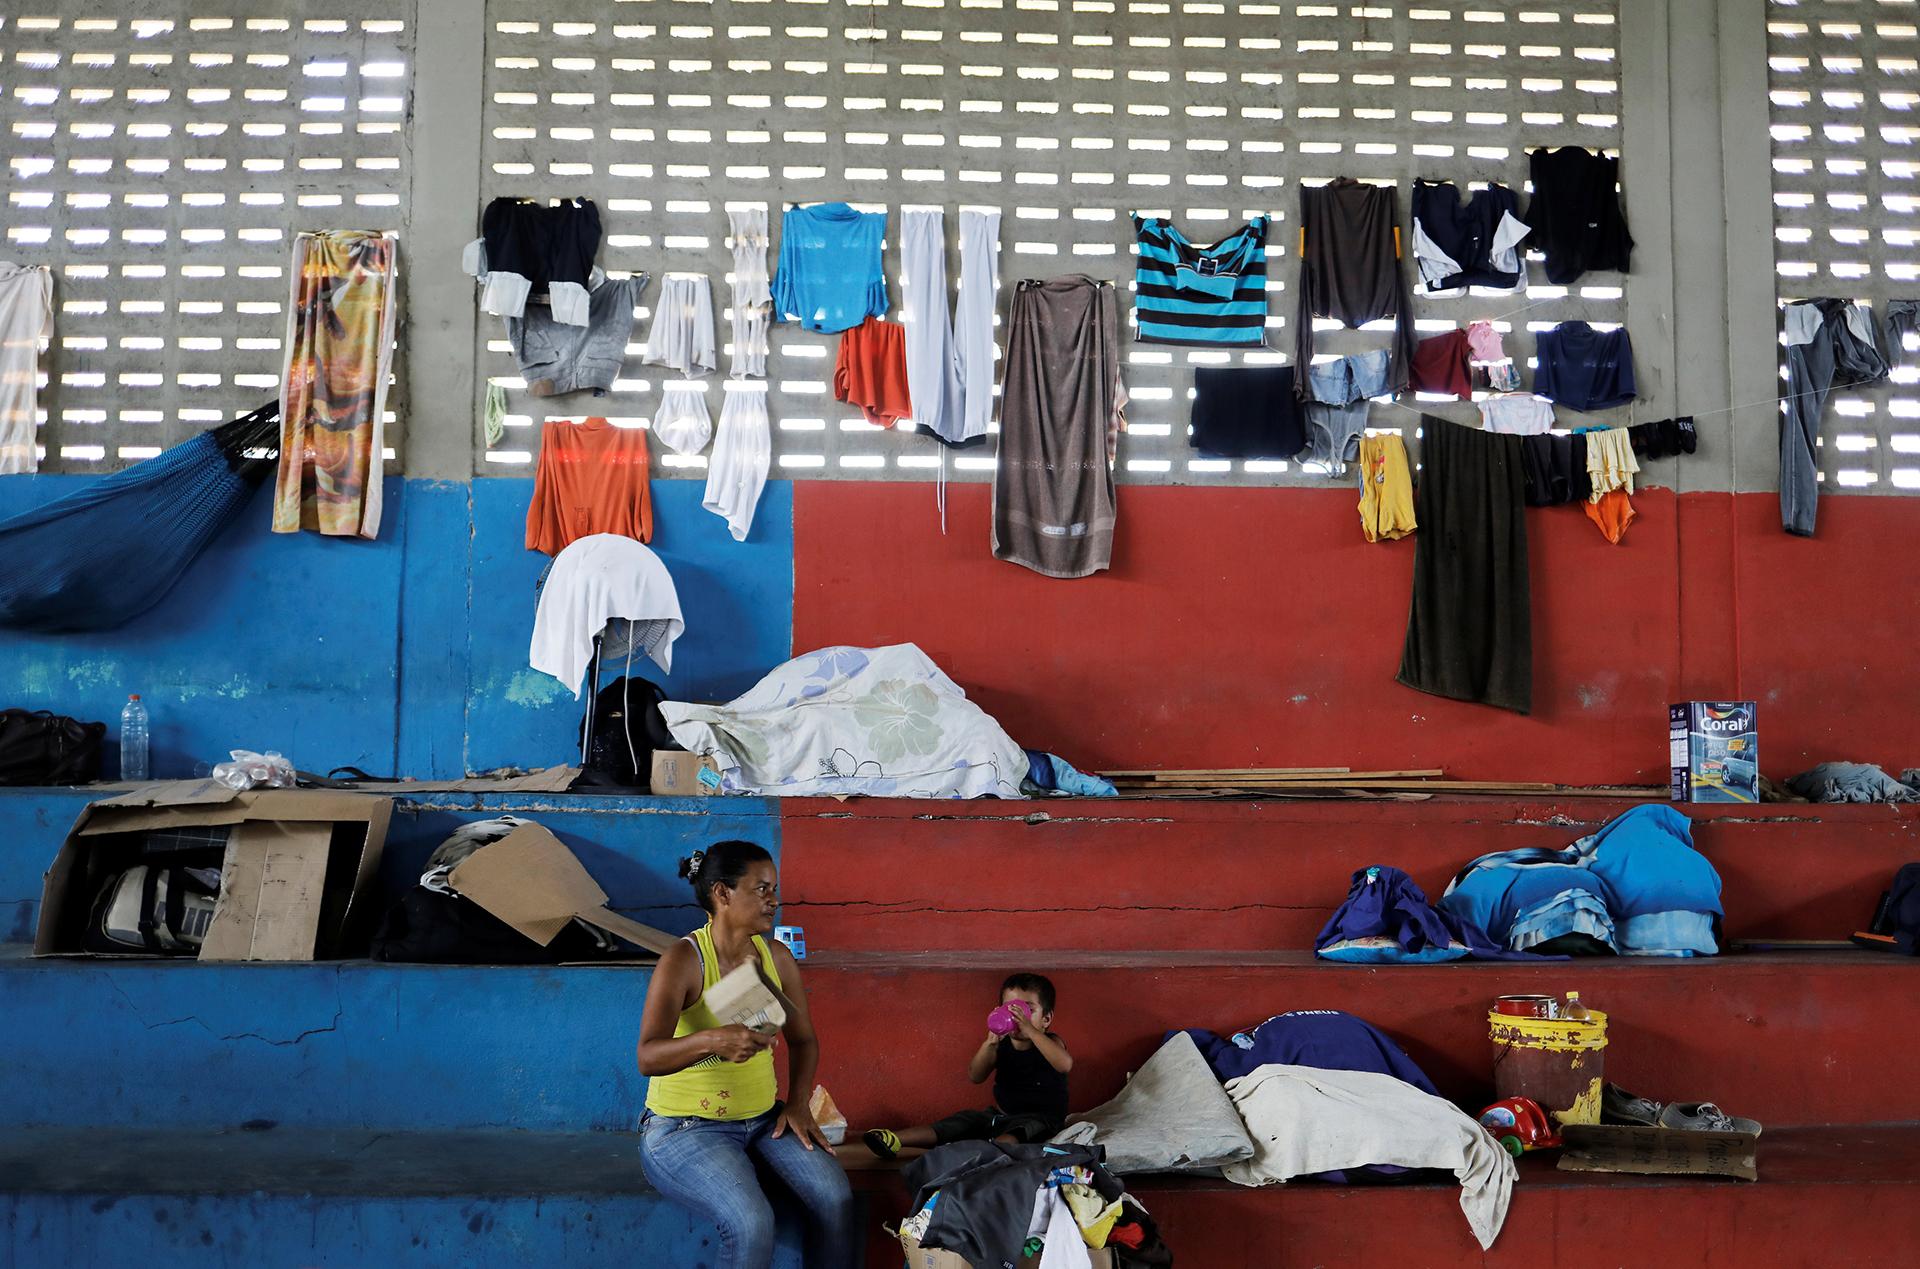 Si bien el país más grande de América Latina ha otorgado asilo a más de 2.700 sirios, los refugiados han recibido escaso apoyo del gobierno incluso en Sao Paulo, el estado más rico (REUTERS)